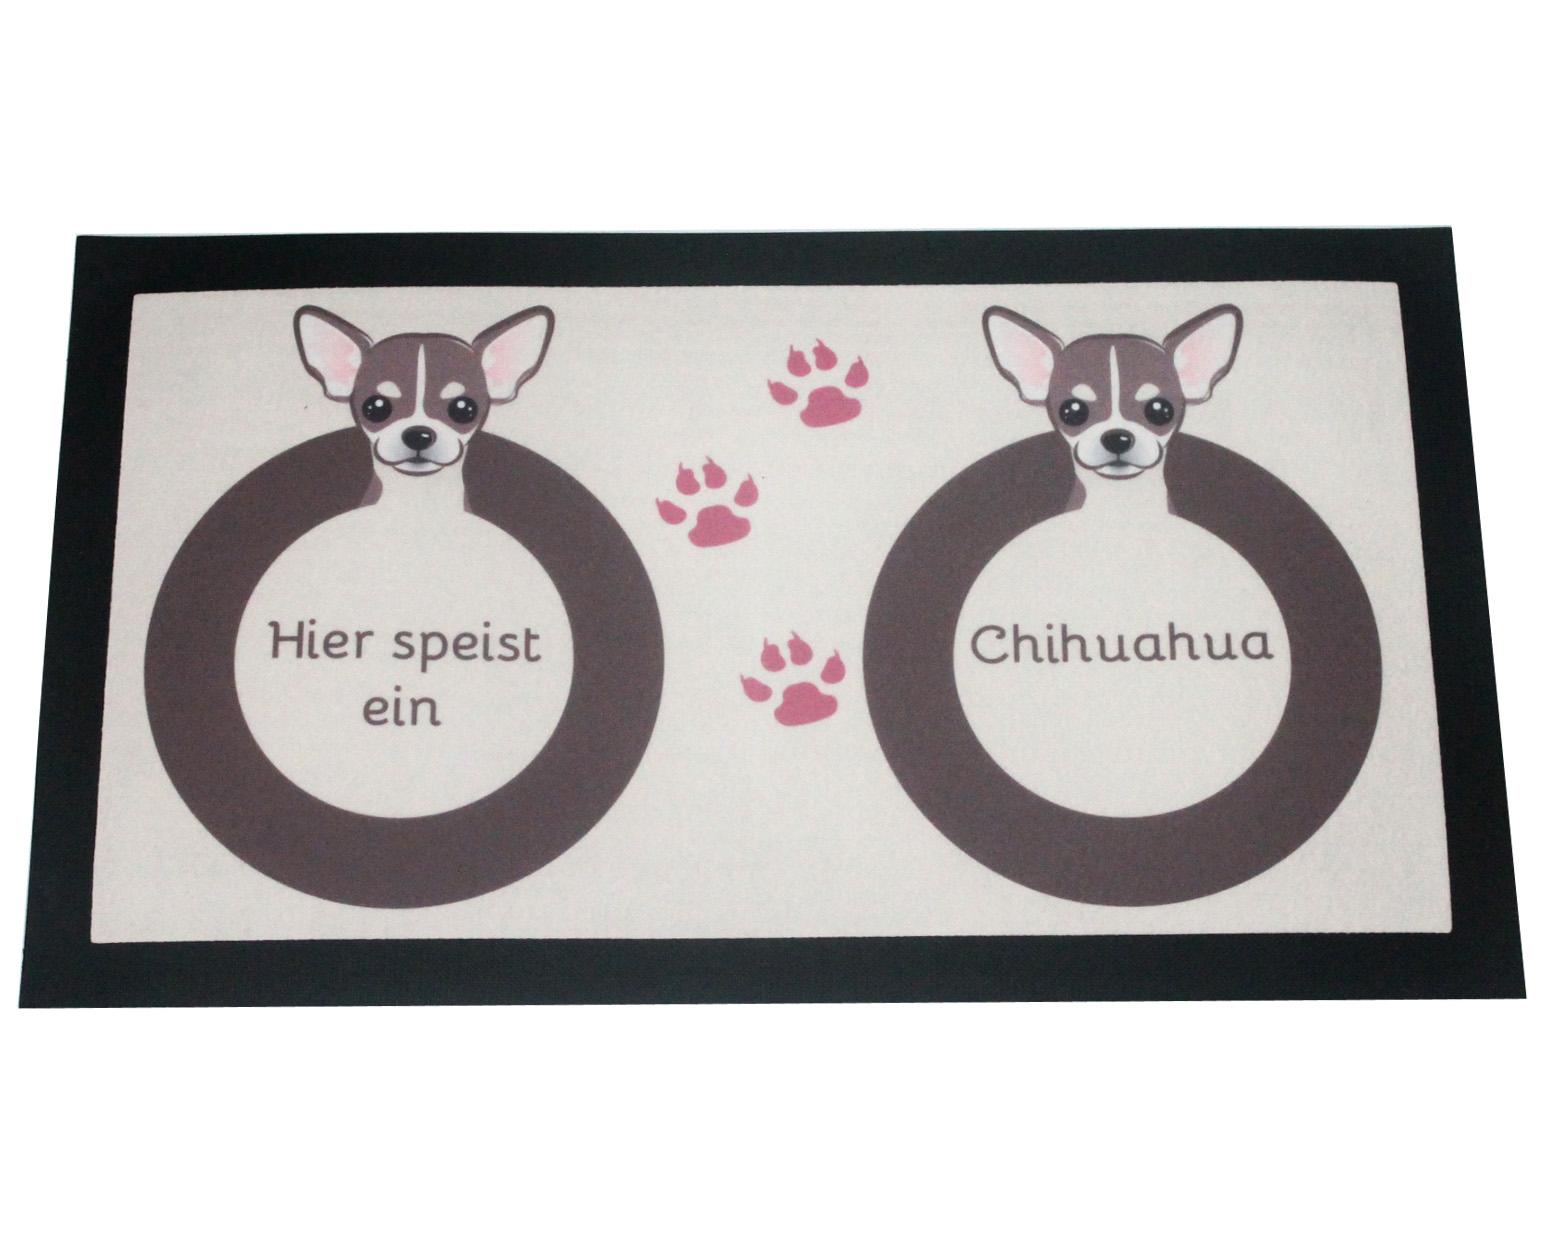 Napfunterlage Chihuahua Hund